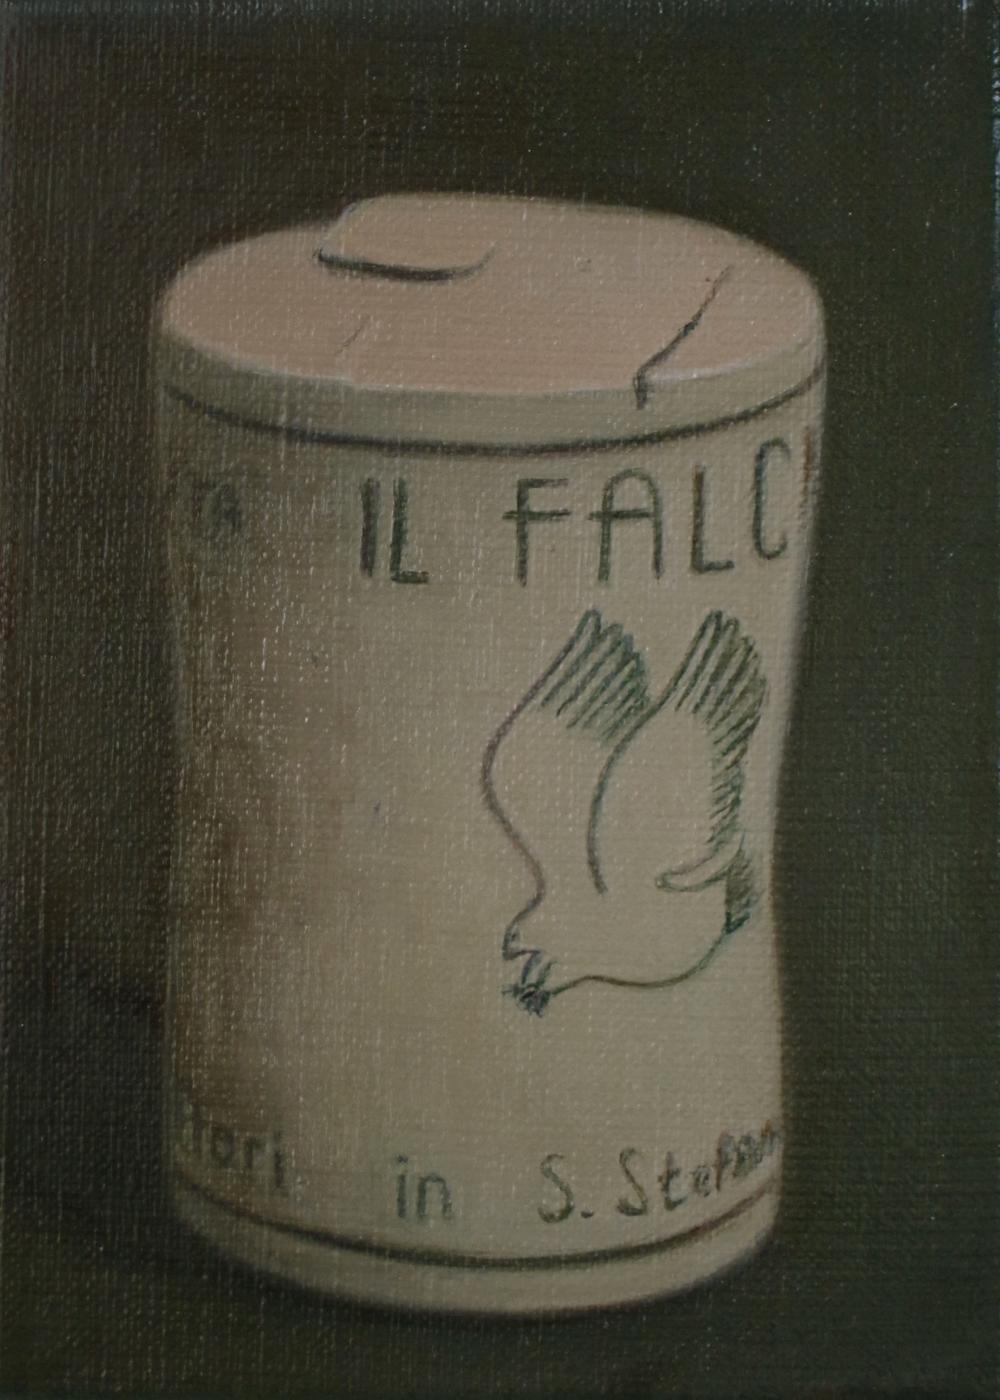 Il Falchetto